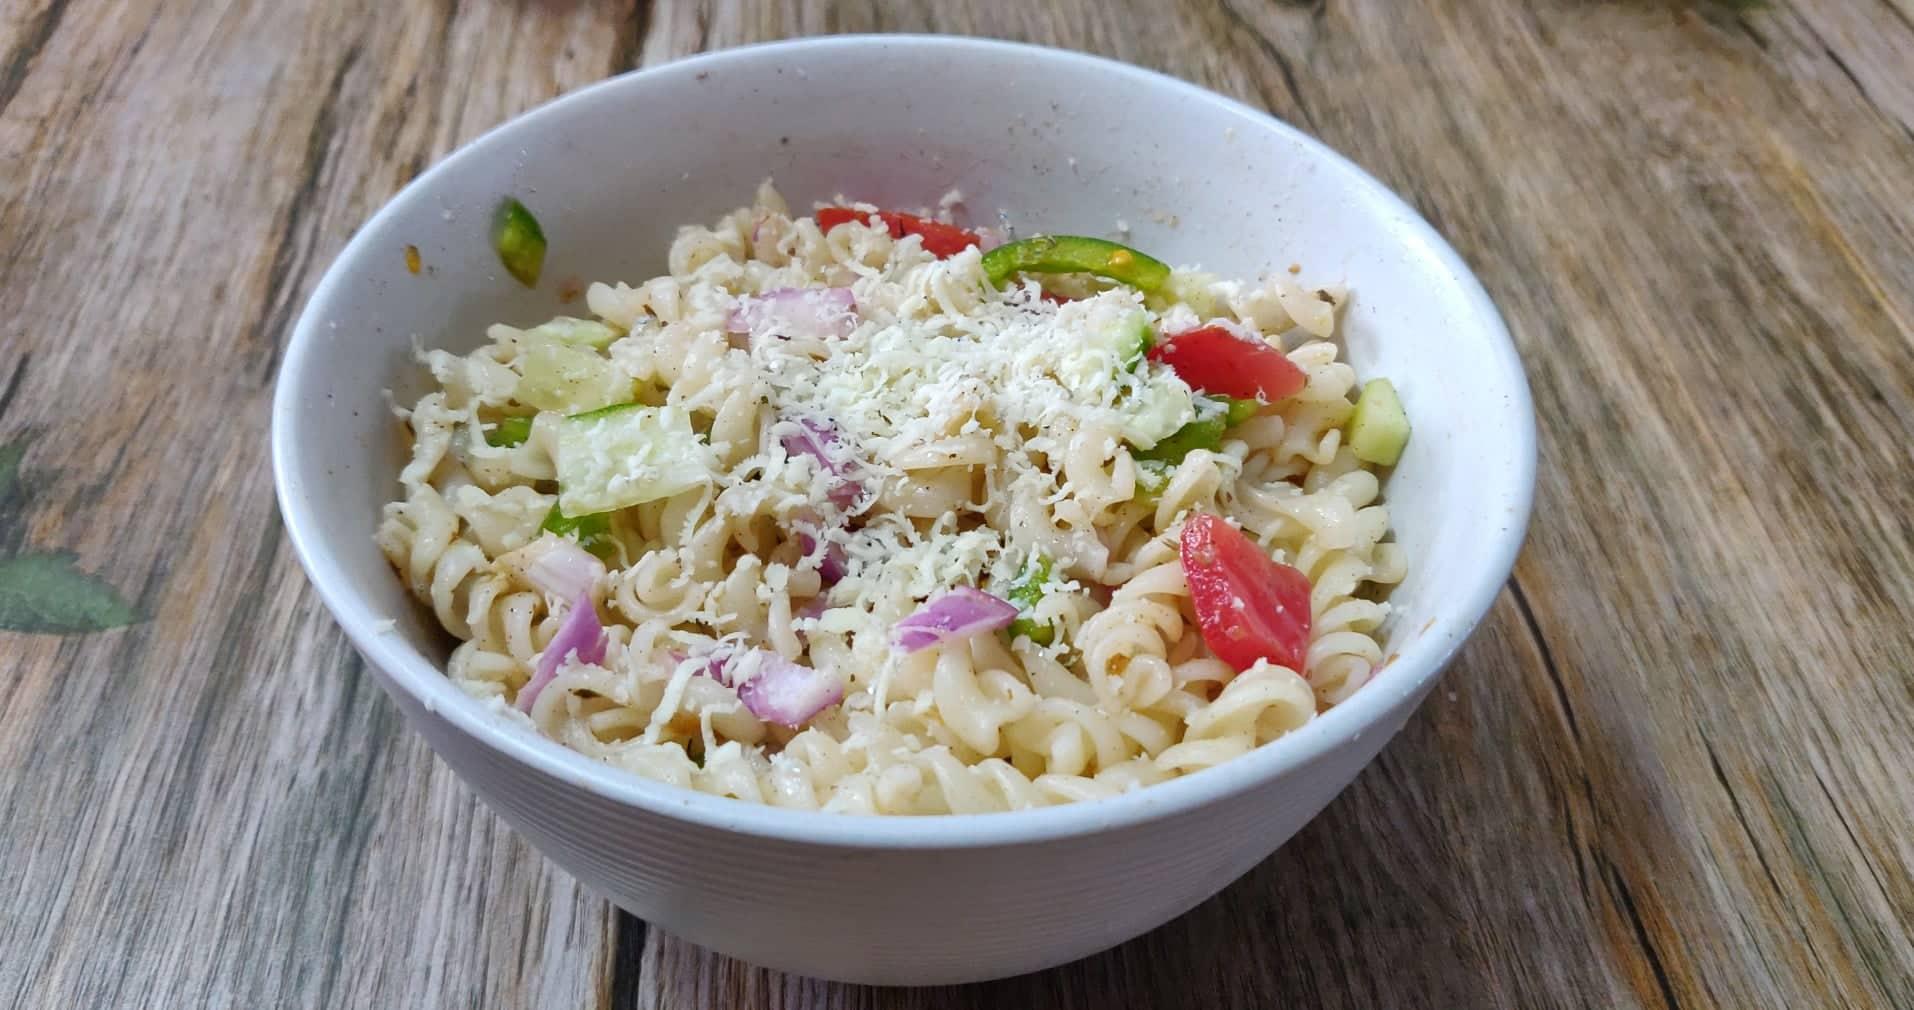 Mediterranean_pasta_salad - 78641501_2400368573514437_4343023642125271040_n